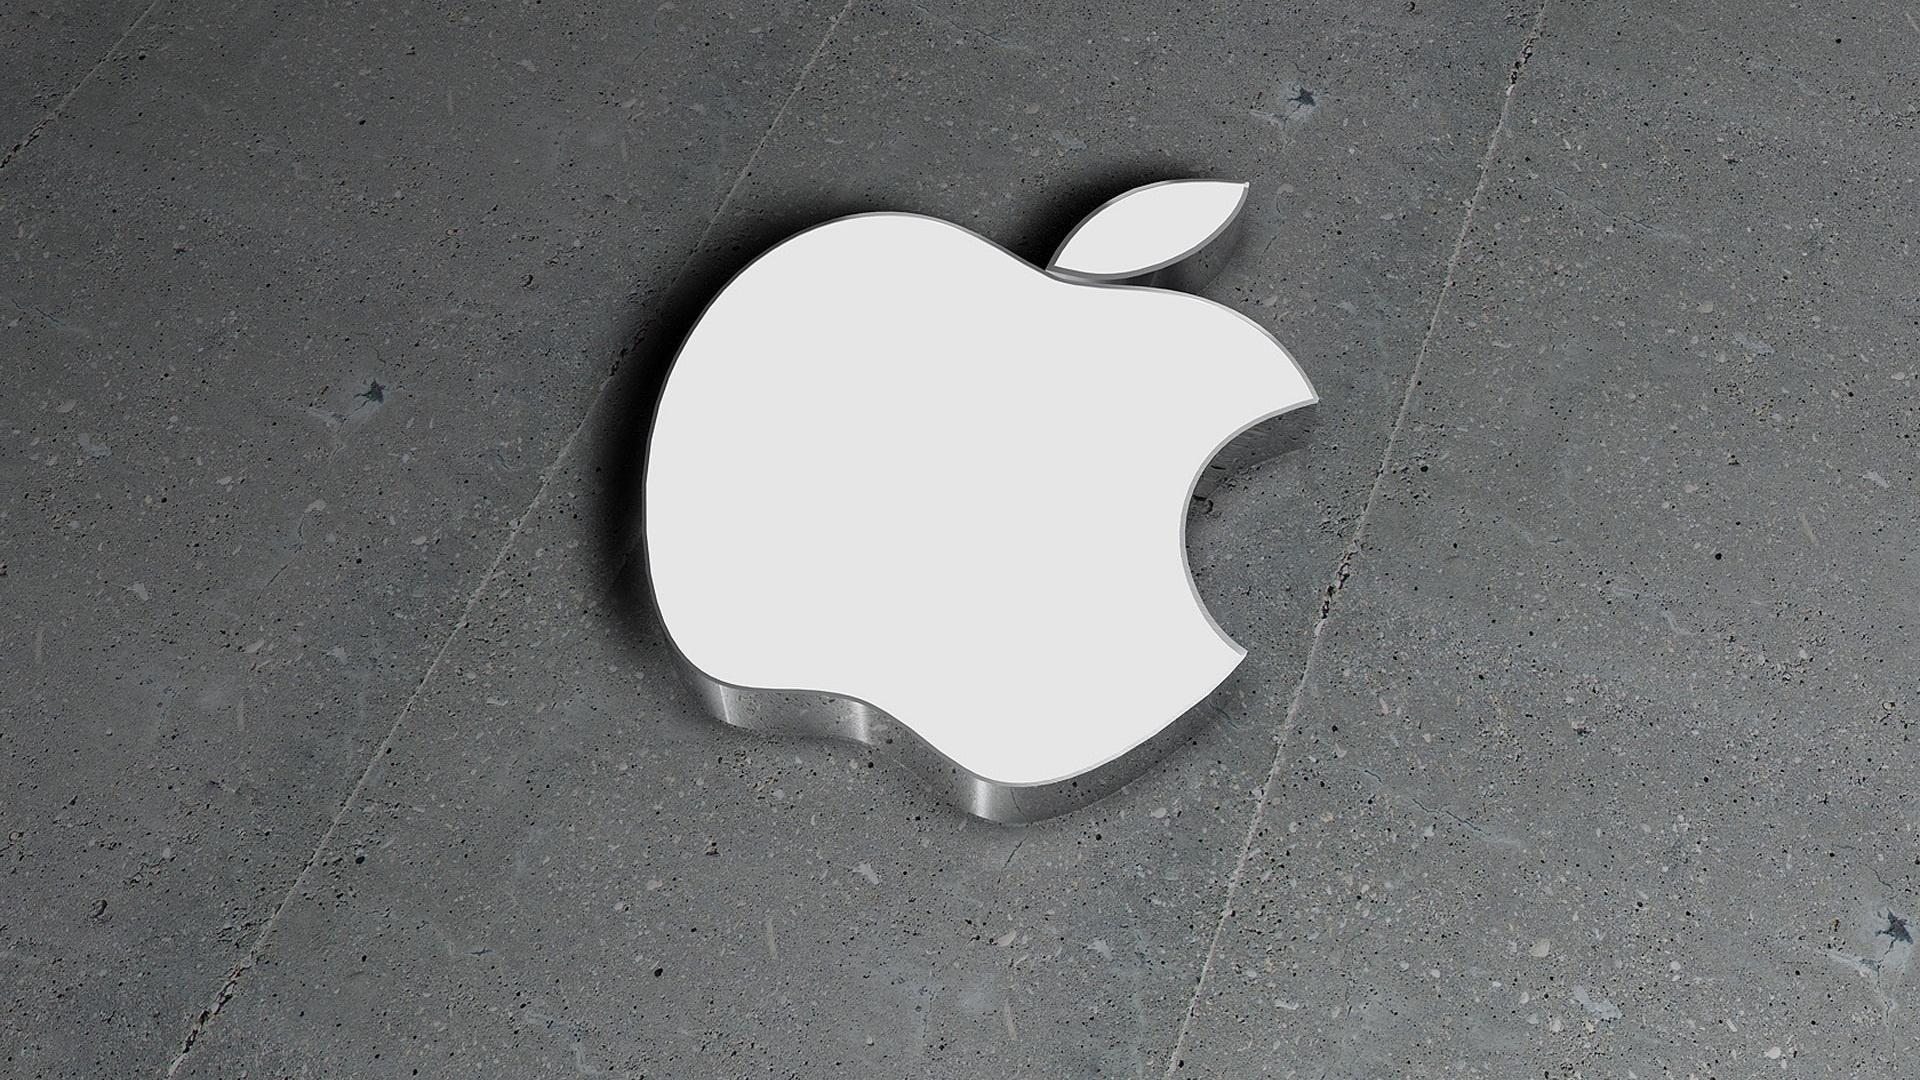 Apple continúa entre las empresas más valiosas del mundo 1